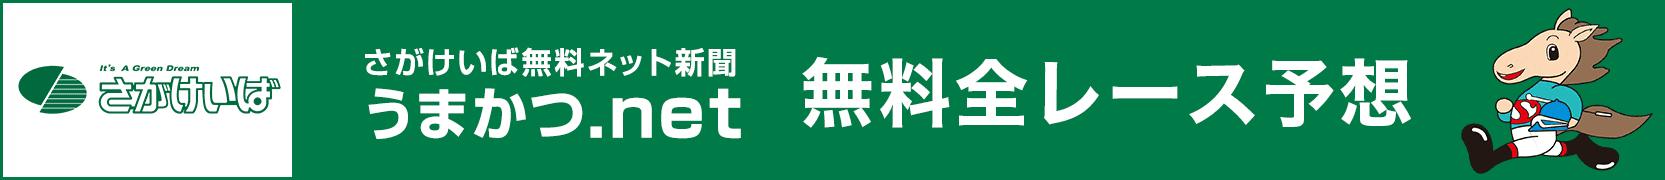 佐賀競馬専門紙協会